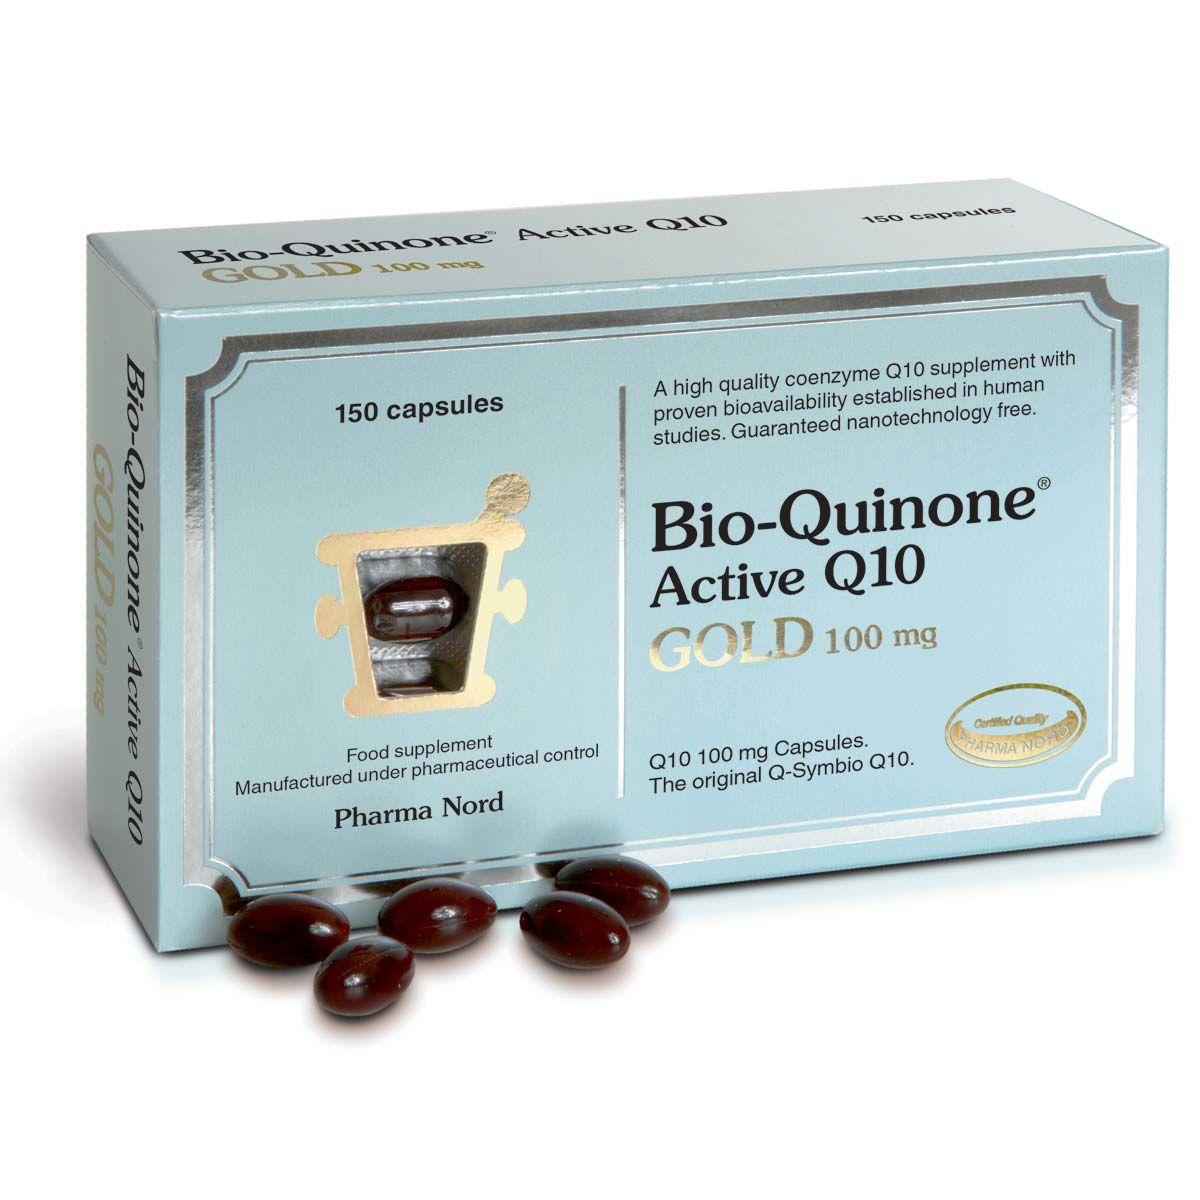 Bio-Quinone Active Q10 Gold 100mg 150's